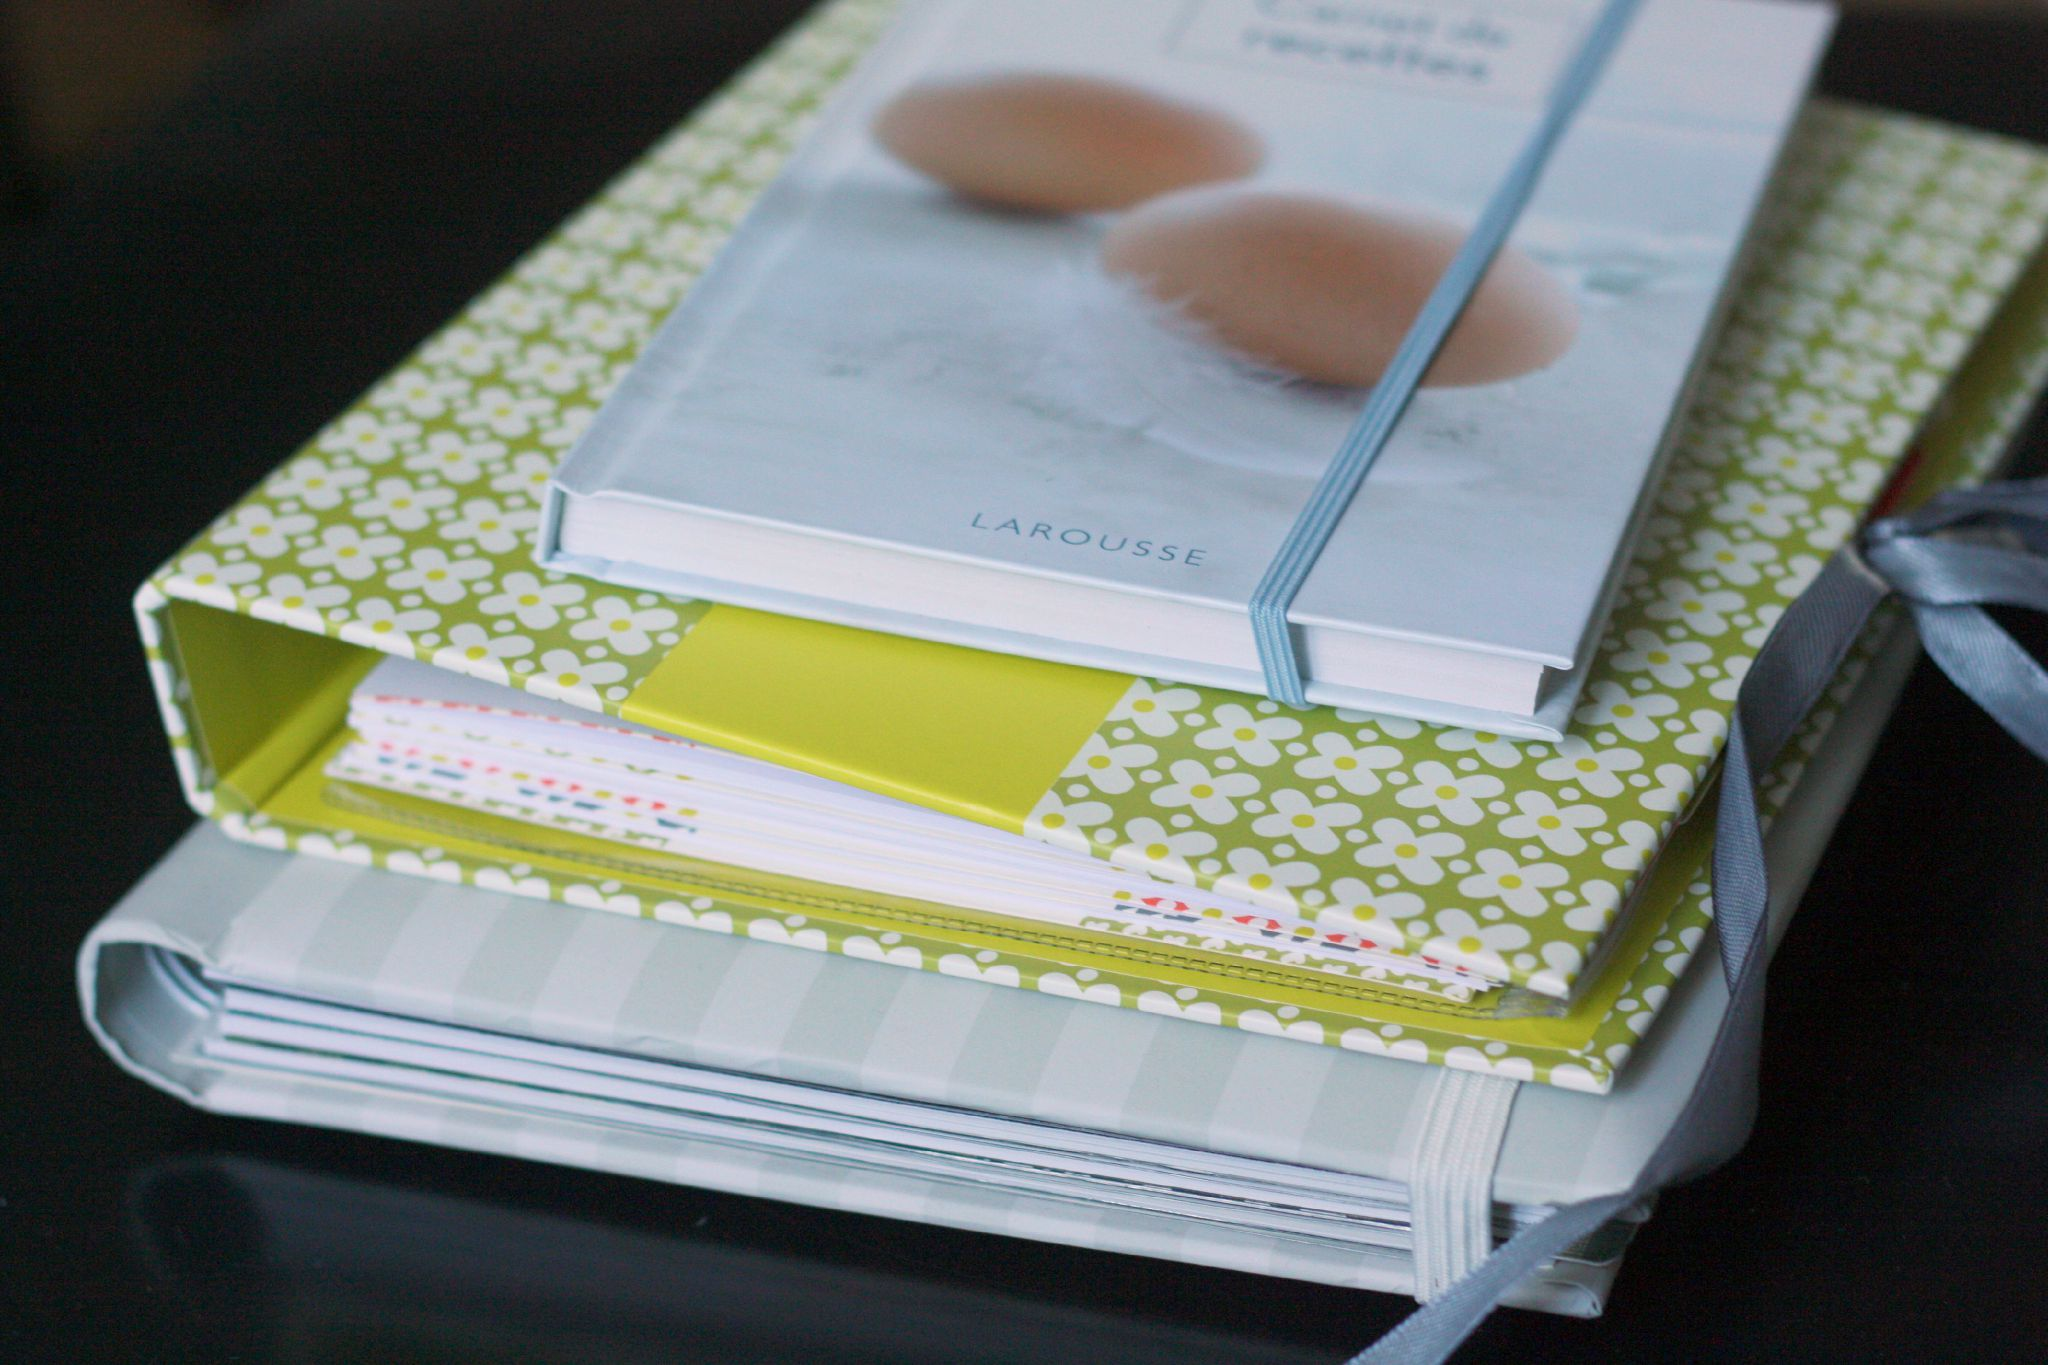 mes cahiers de recette ou comment arr ter d 39 avoir des petits papiers partout chez requia. Black Bedroom Furniture Sets. Home Design Ideas